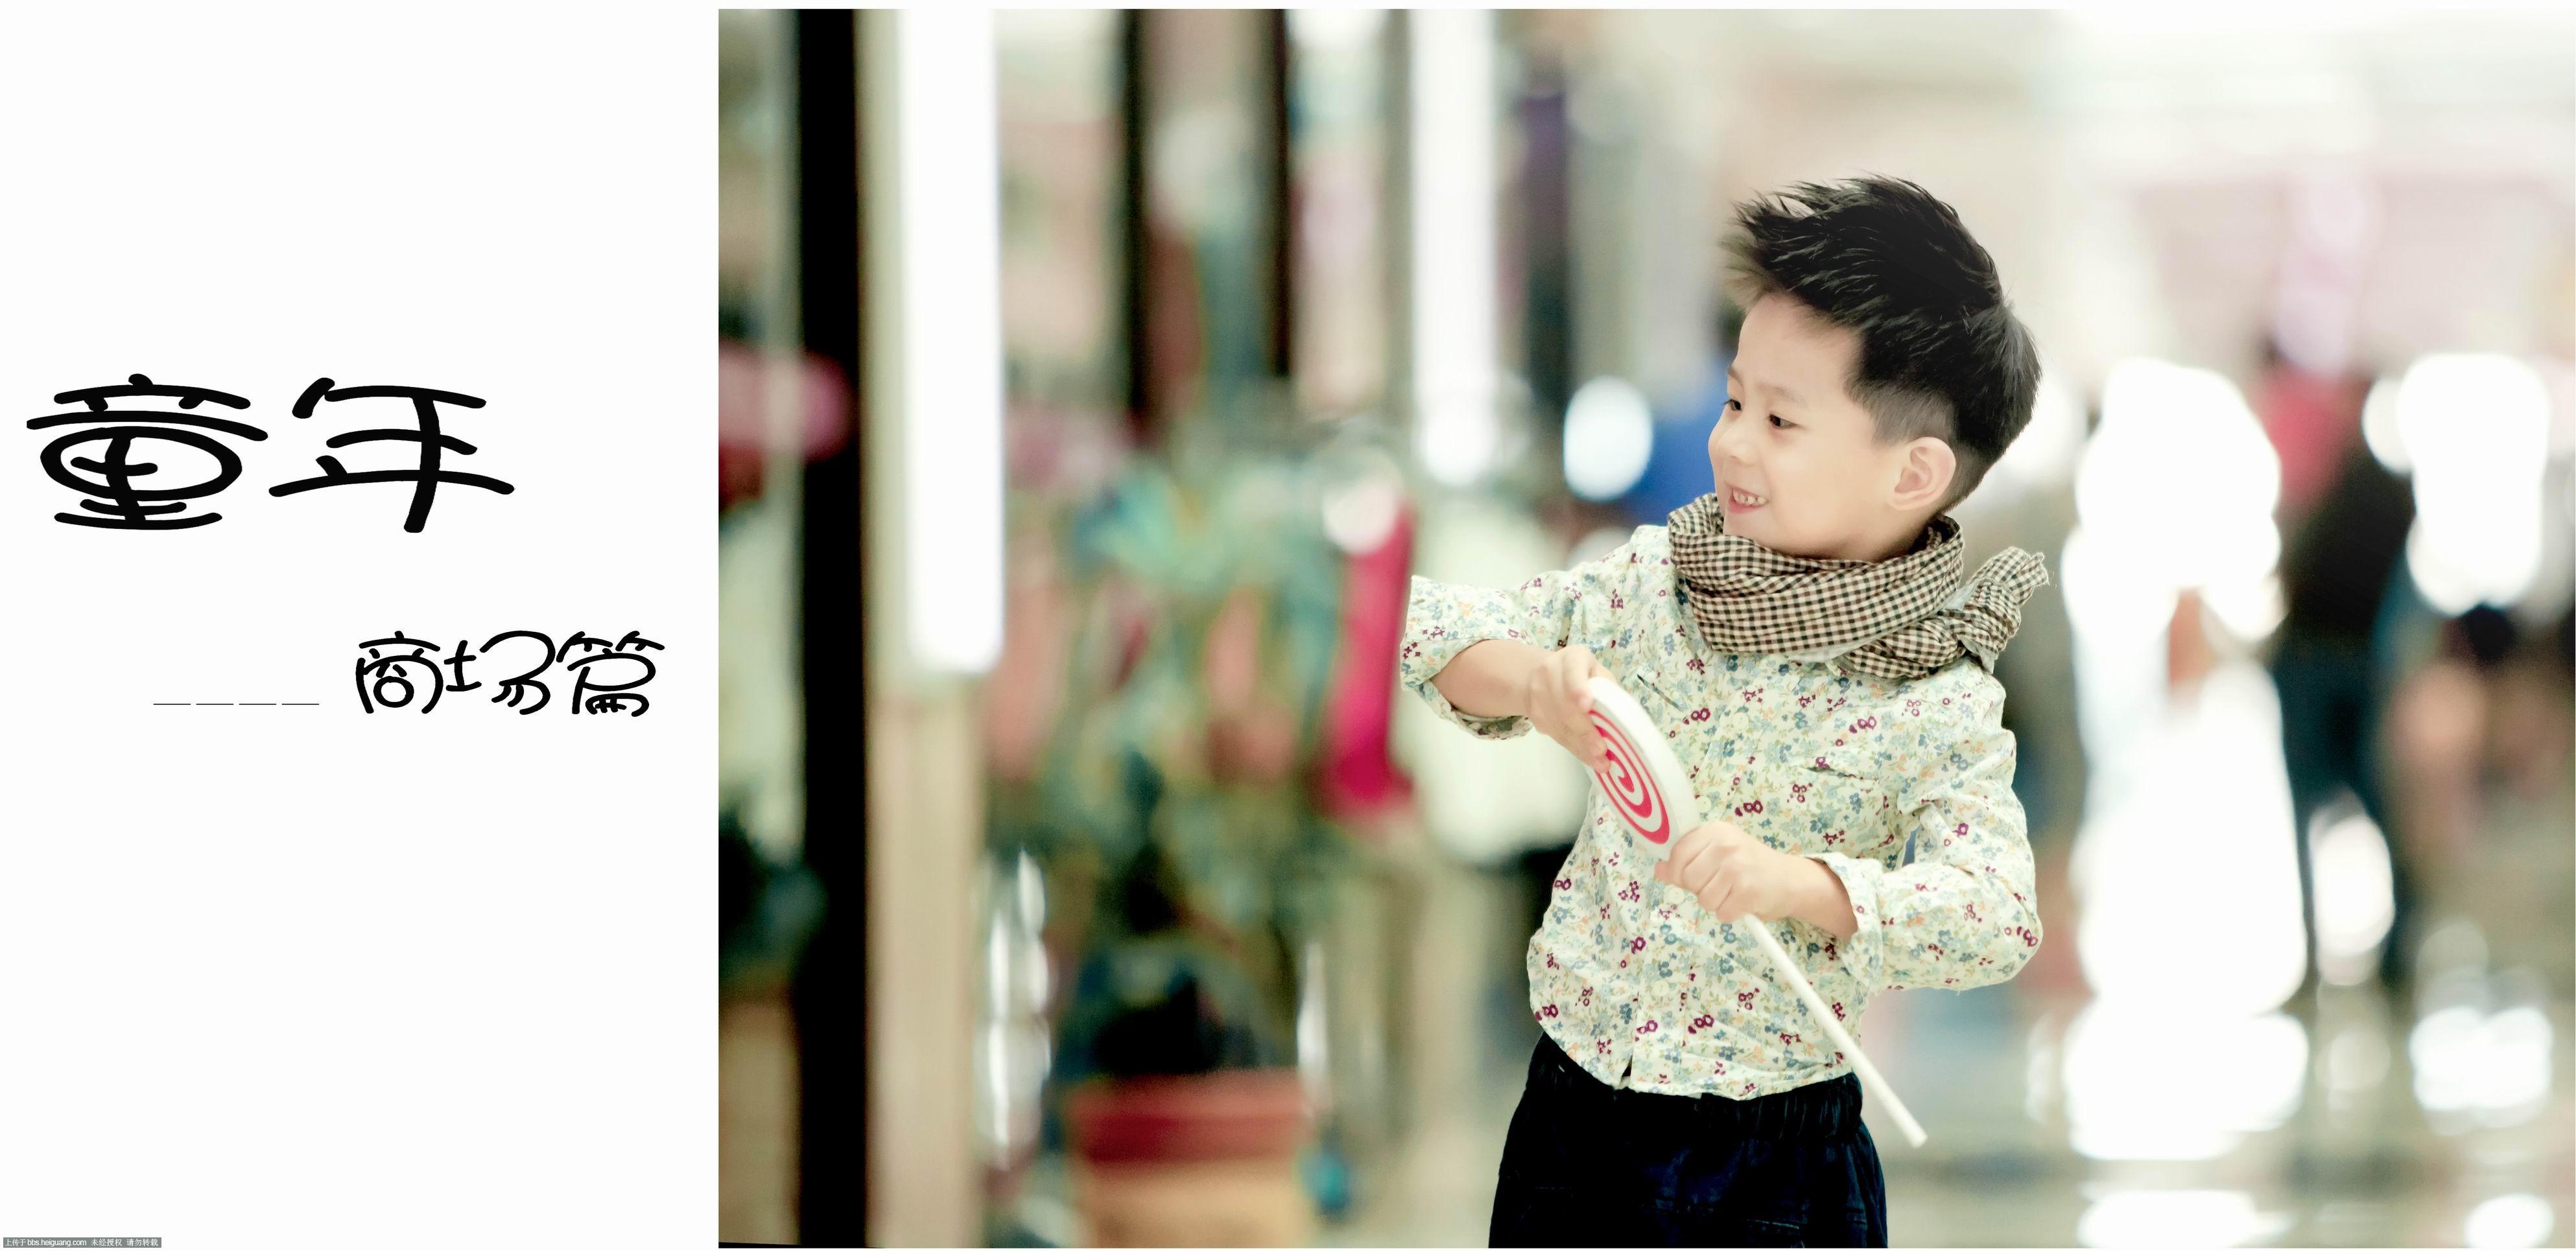 商场篇_儿童摄影作品